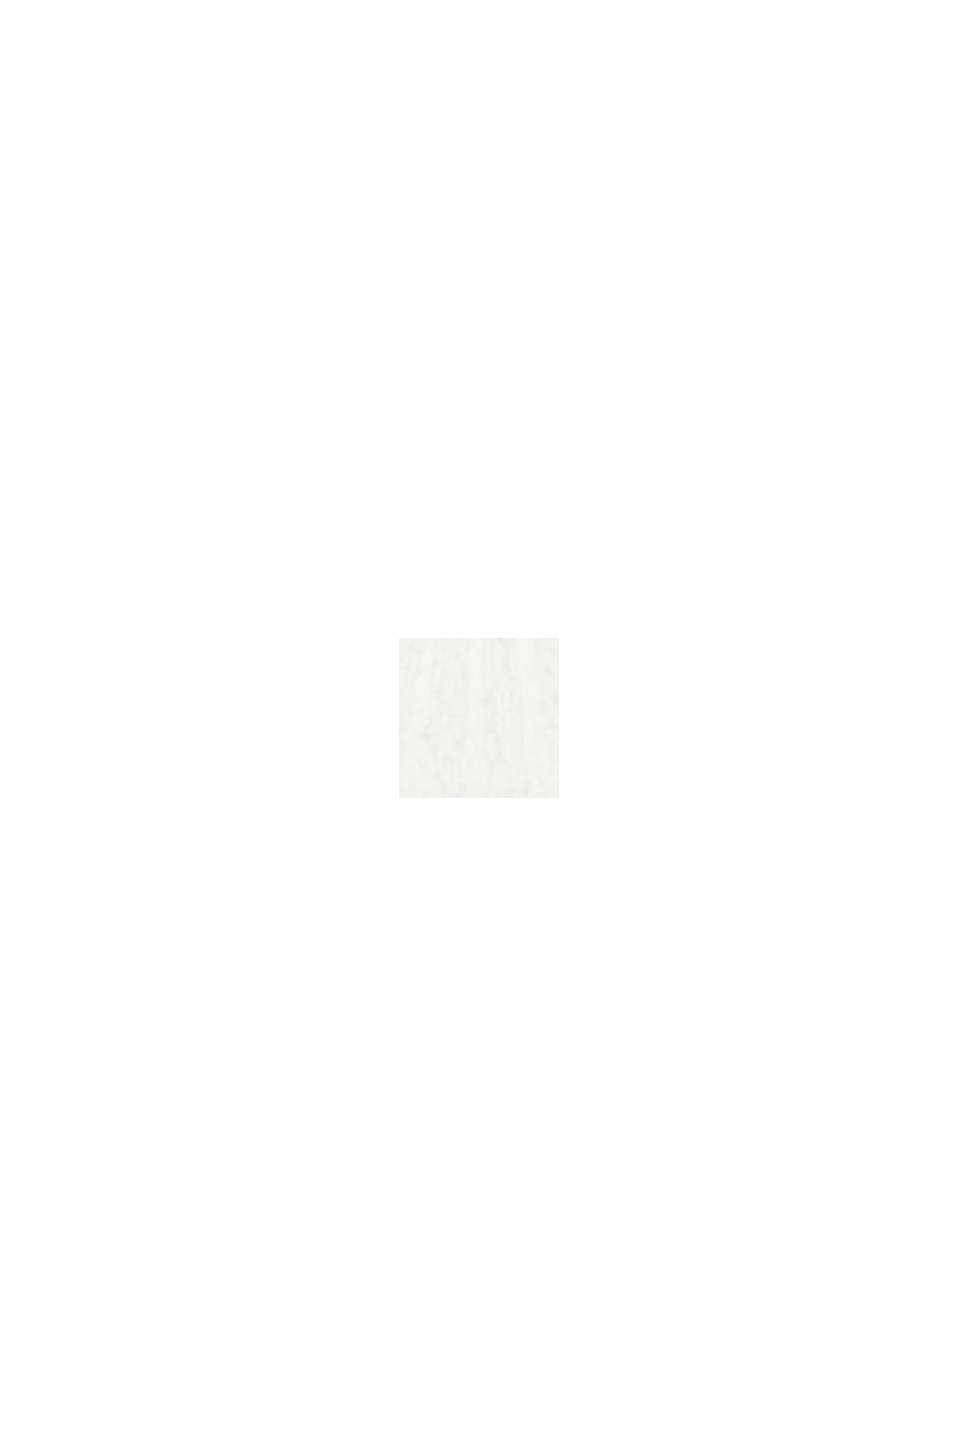 Jersey de manga corta confeccionado en algodón ecológico, ICE, swatch